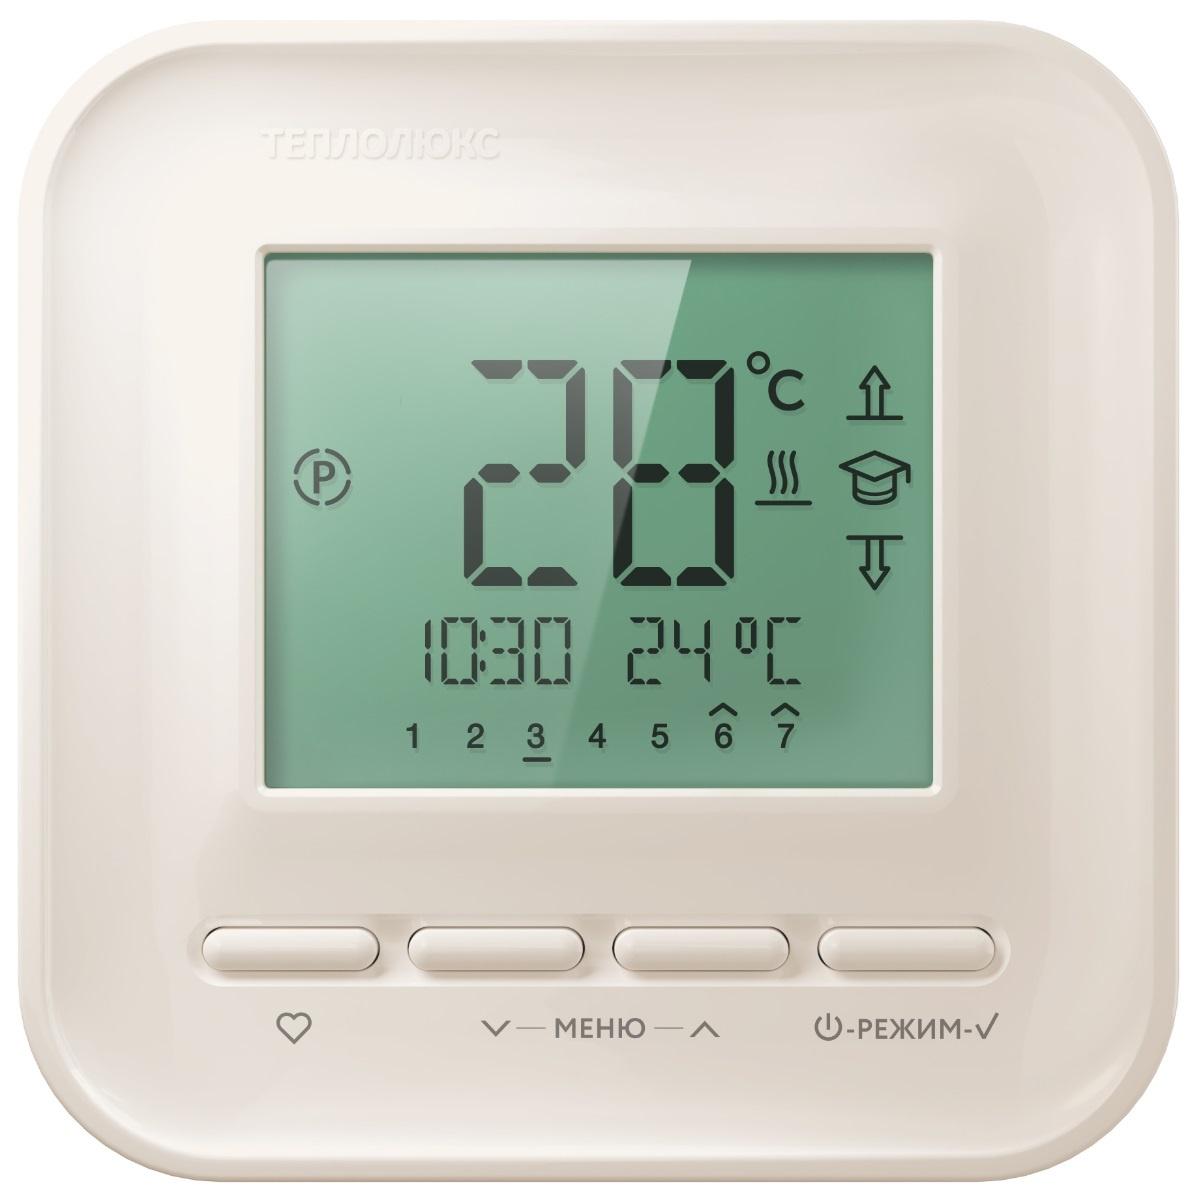 Регулятор теплого пола Теплолюкс ТР515, кремовый теплолюкс тр 515